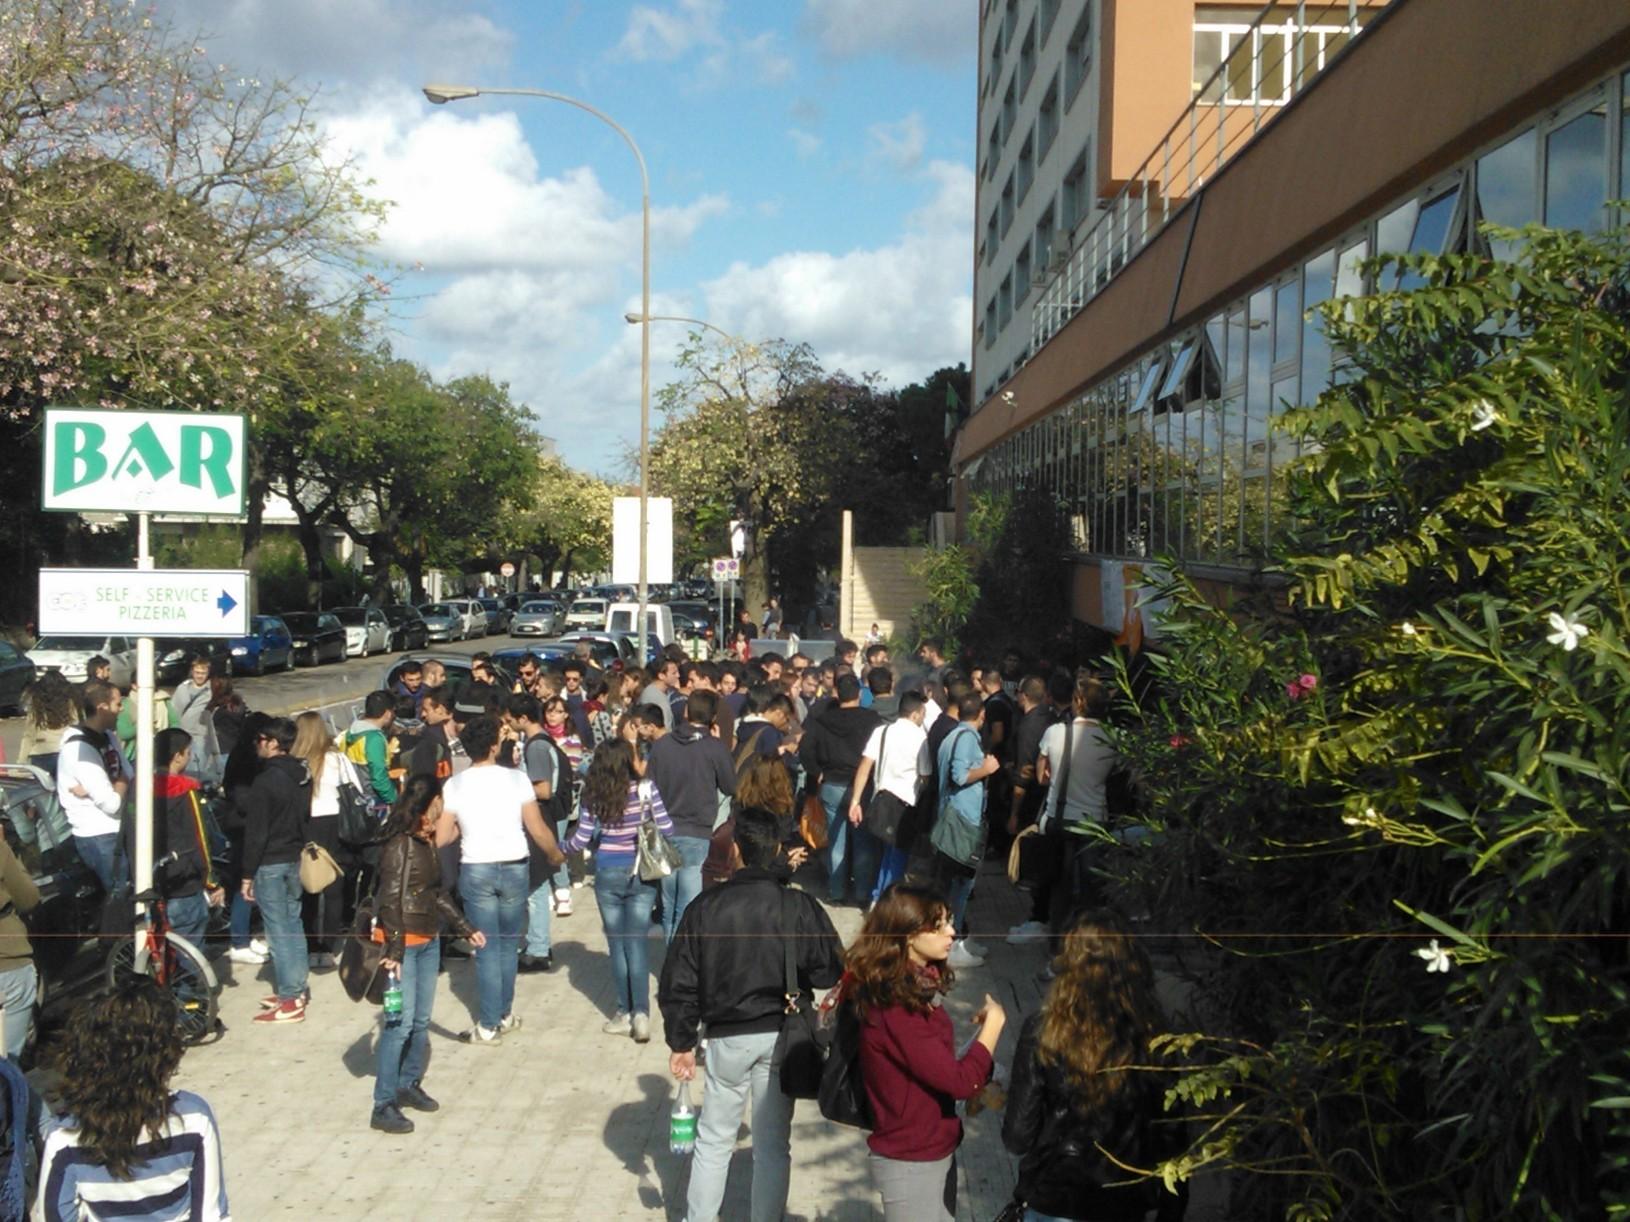 Gli studenti sono indignati temiamo agitazioni.